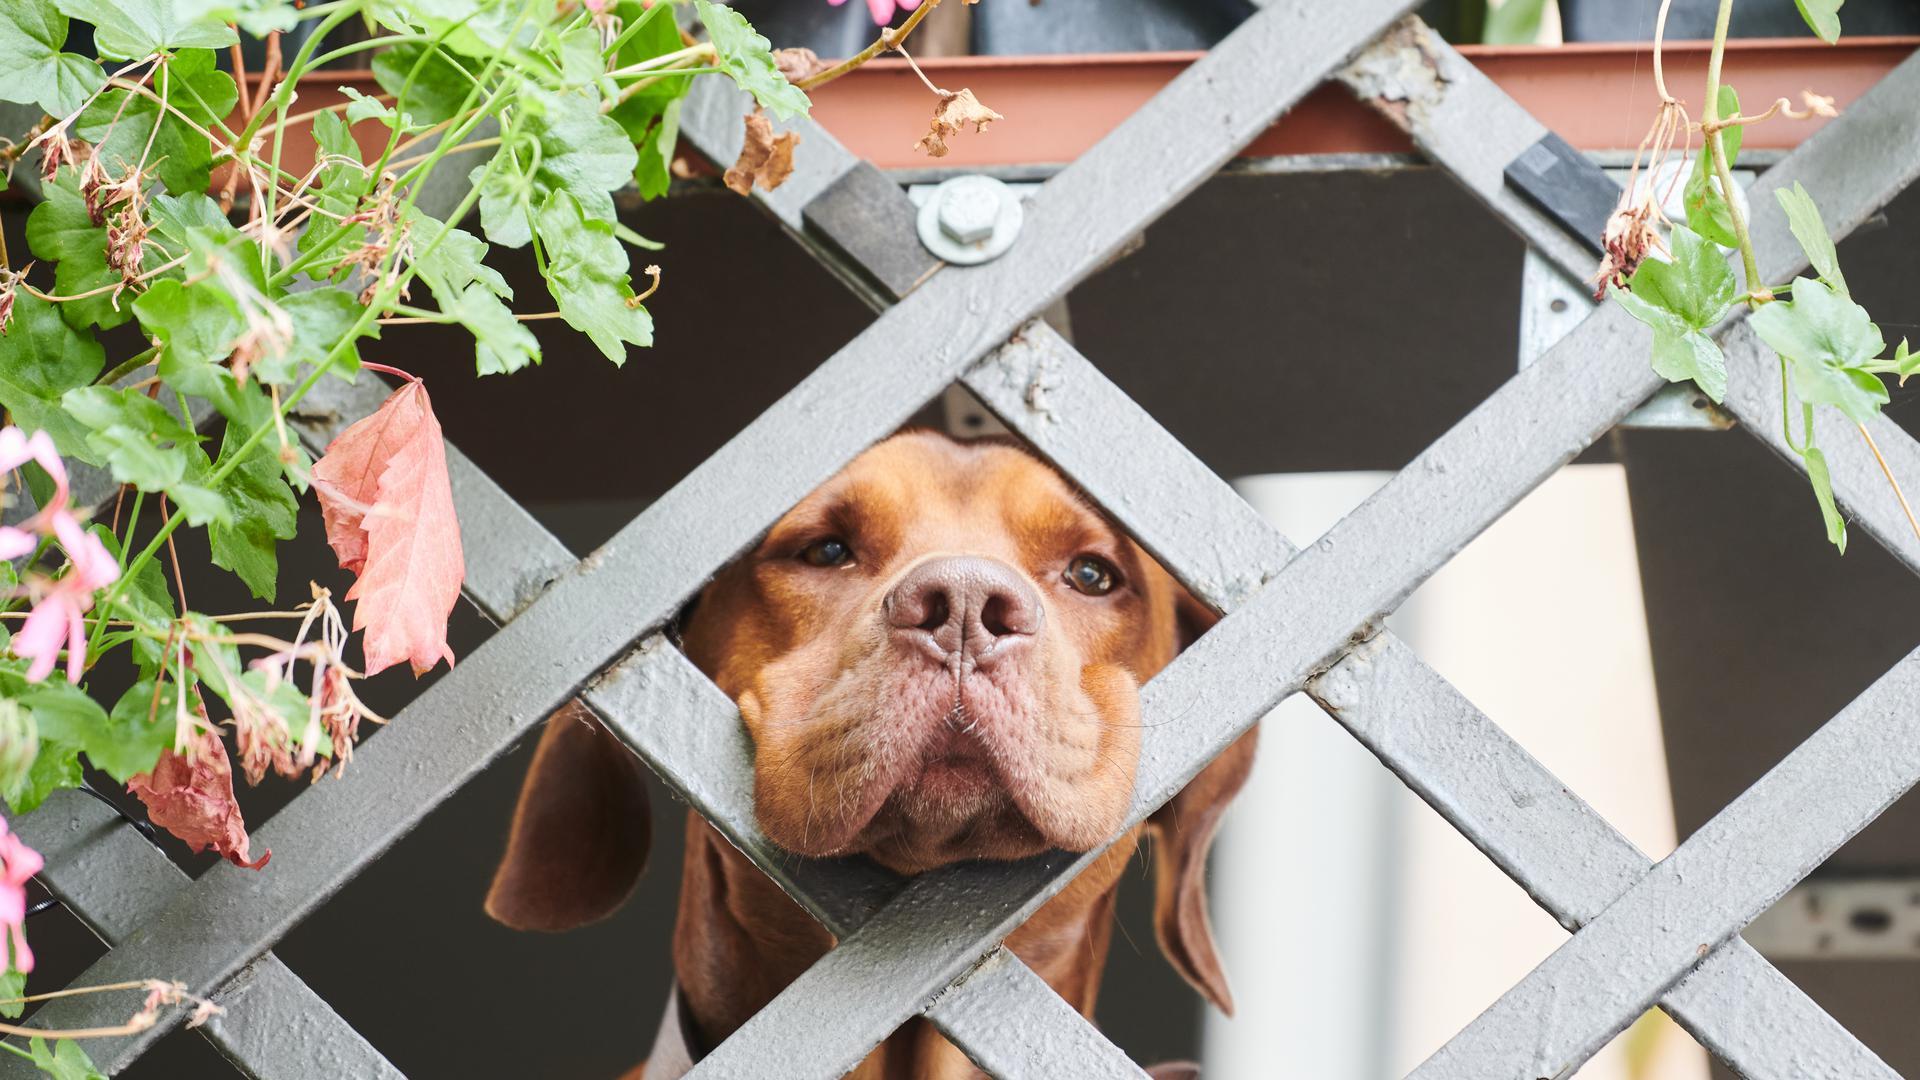 Bram, ein 2-jähriger Vizsla-Labrador Mischling, wartet auf sein Herrchen, der in Kürze mit ihm Gassi geht. Garantierter Auslauf, ausreichend Betreuungszeit für Welpen: Bundeslandwirtschaftsministerin Klöckner (CDU) will strengere Regeln für Tiertransporte und Hundezüchter erlassen. Tierschutz- und Hundehalterverbände begrüßen den Vorstoß grundsätzlich. Für einige könnte er aber noch weiter gehen. +++ dpa-Bildfunk +++